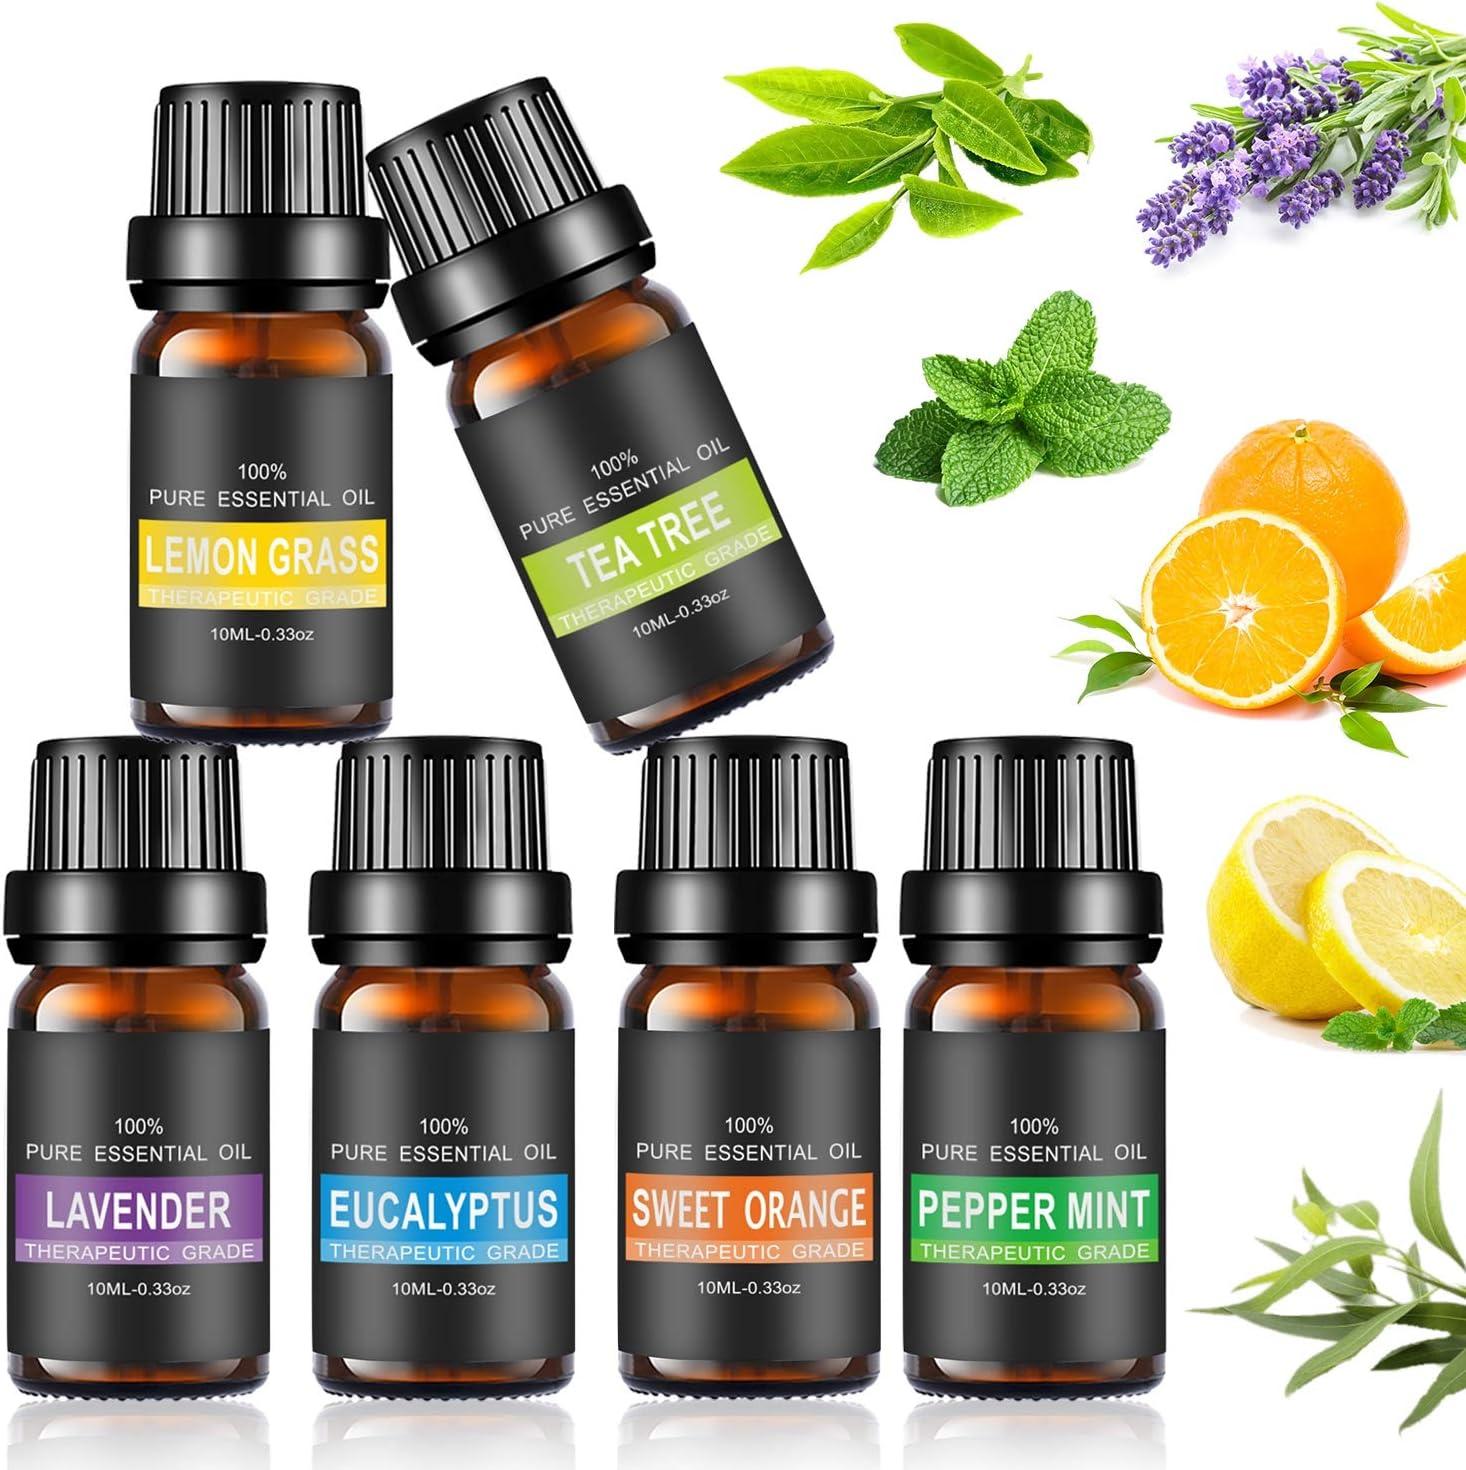 Set de aceites esenciales,100% Natural Puro Aromaterapia Aceite Aromático, Set de Aceites Esenciales para Humidificador y Difusor Aroma (6 Flavor)